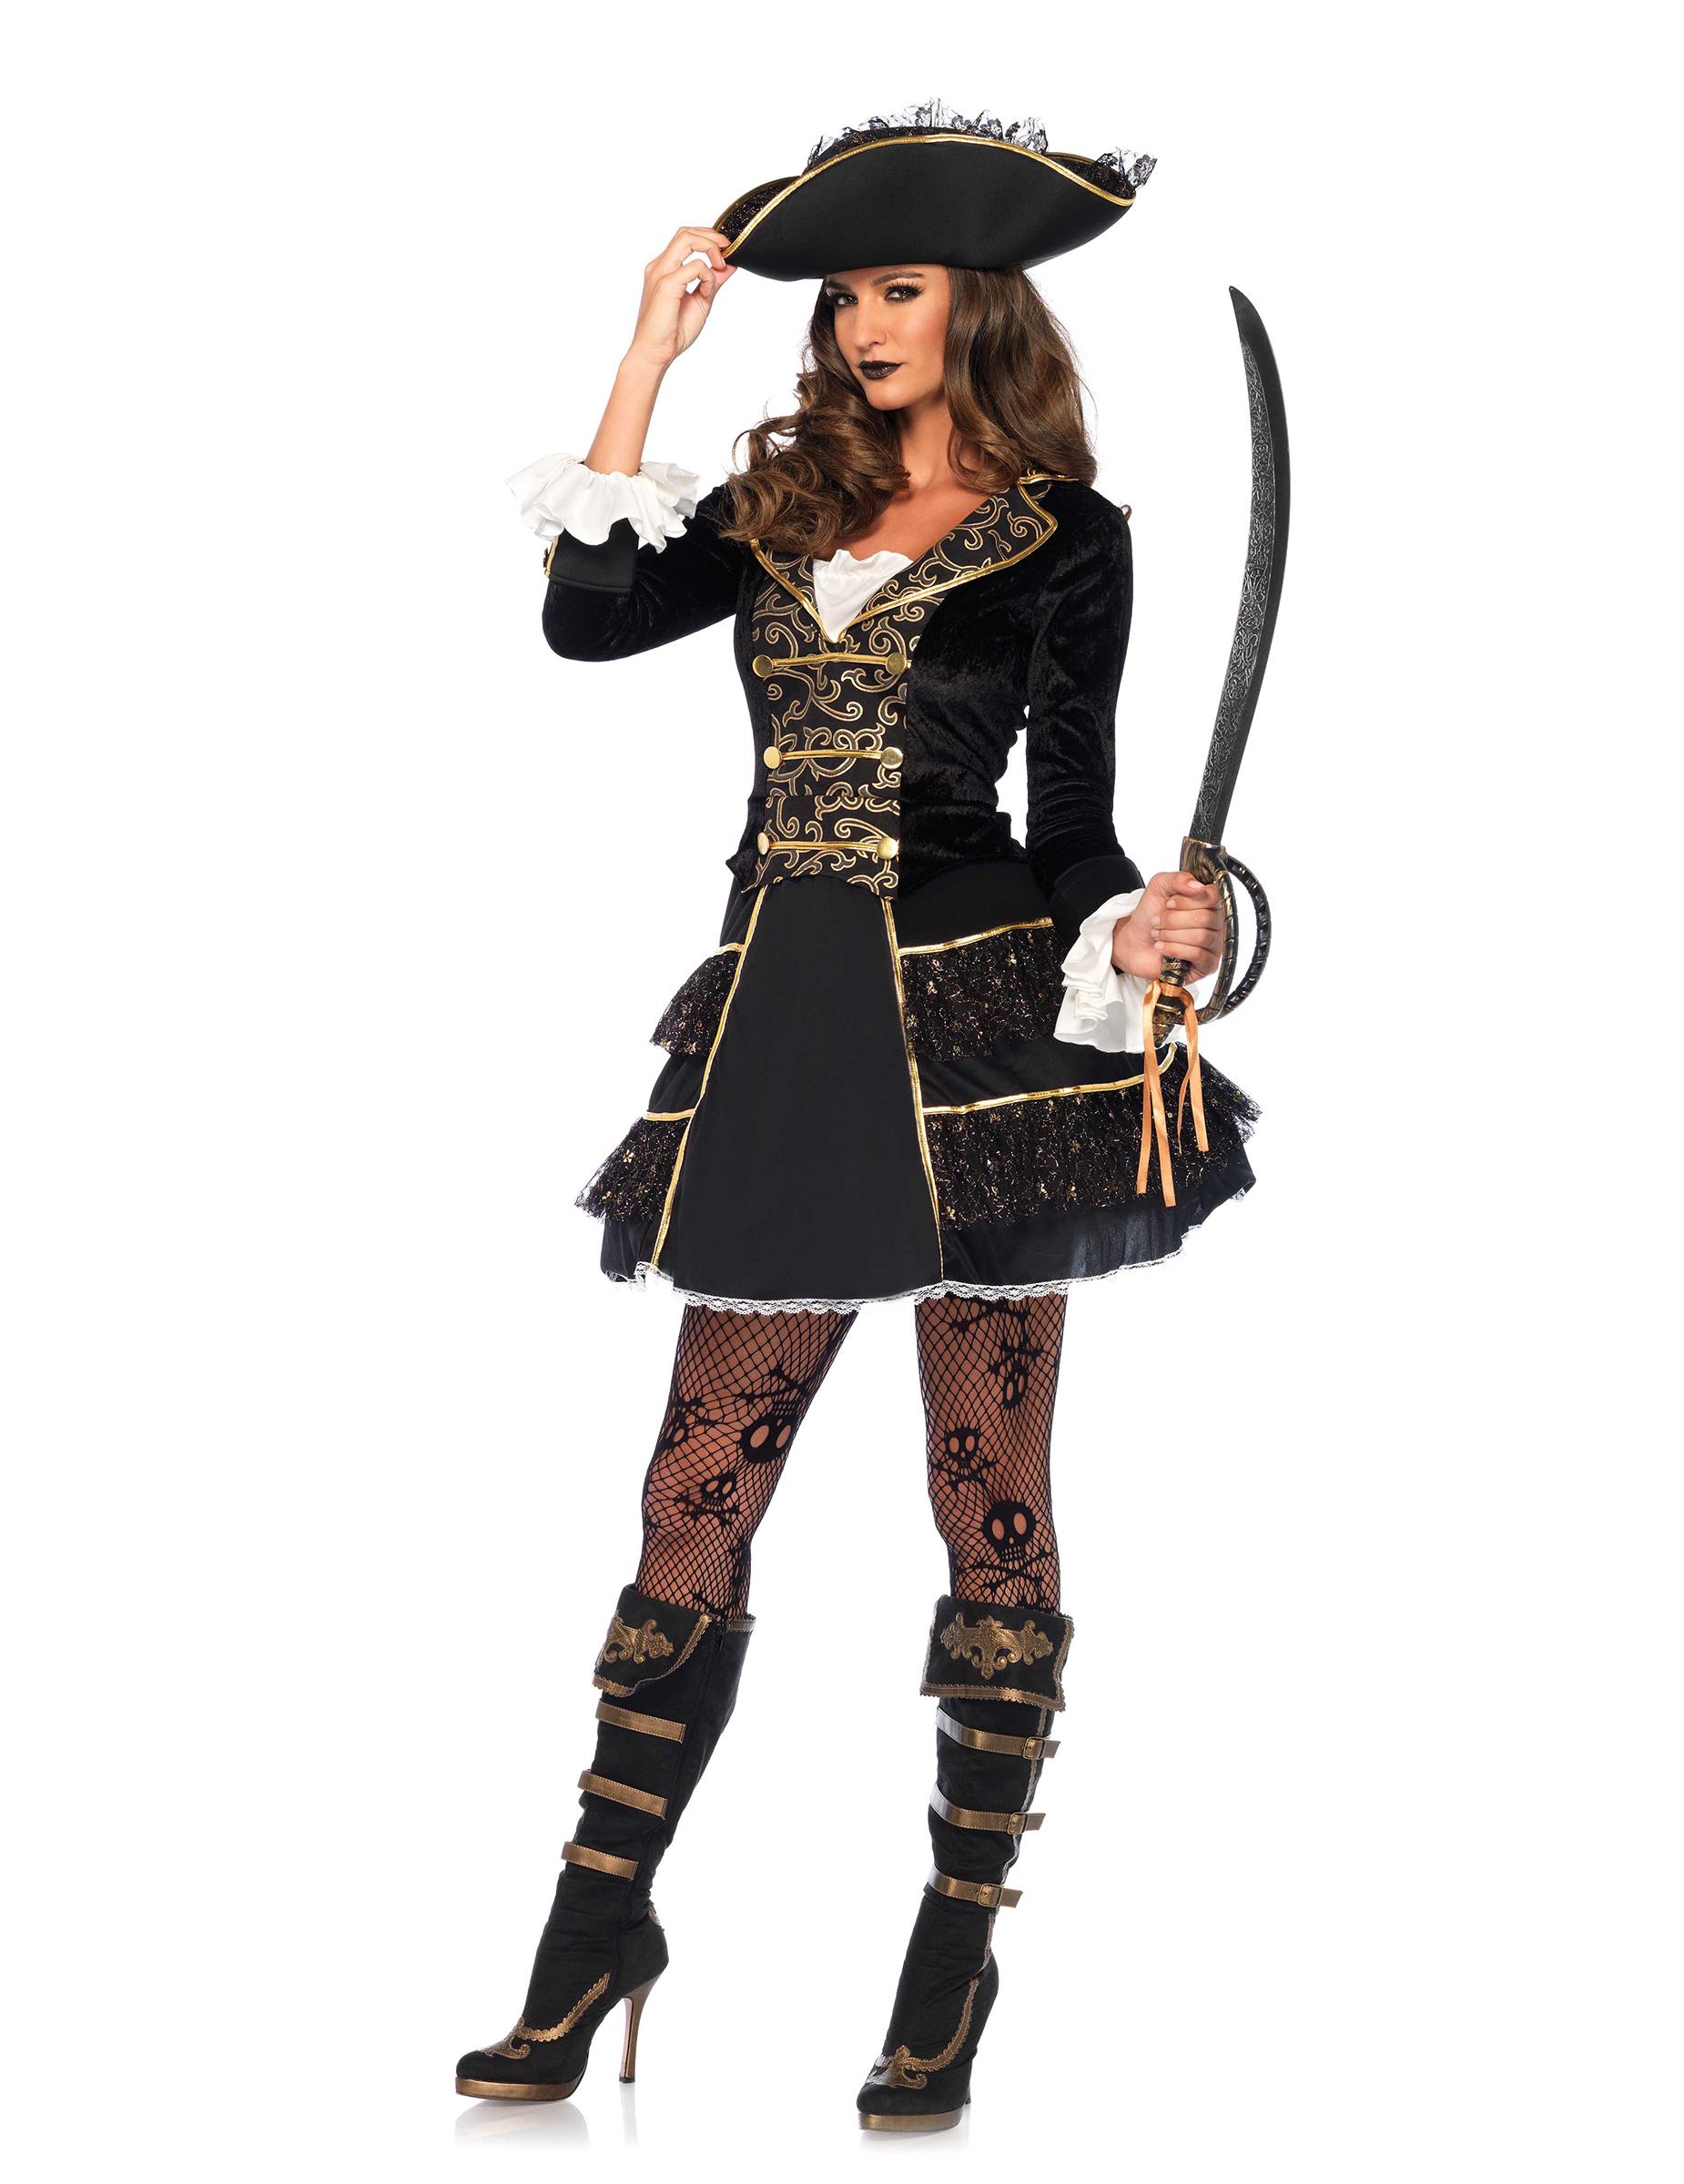 d guisement capitaine pirate femme deguise toi achat de d guisements adultes. Black Bedroom Furniture Sets. Home Design Ideas